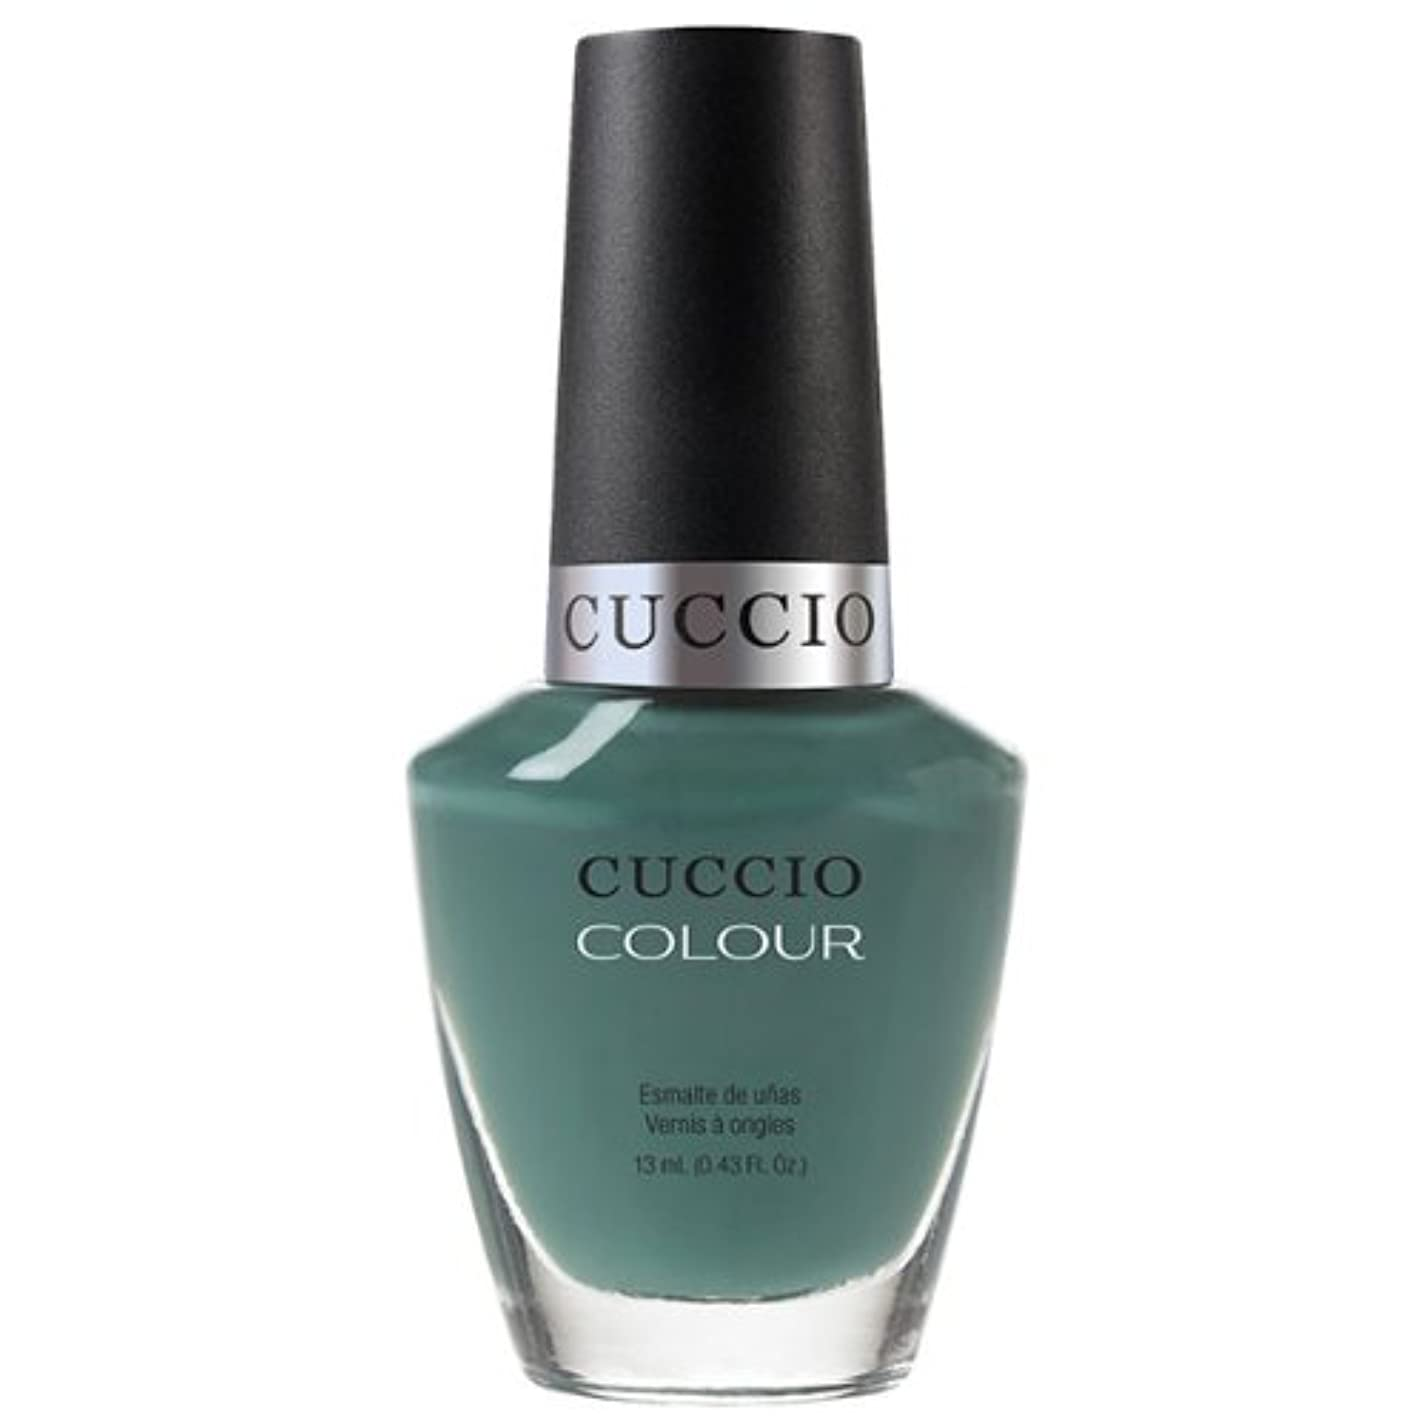 タイプライター平和的ジャーナルCuccio Colour Gloss Lacquer - Dubai Me an Island - 0.43oz / 13ml